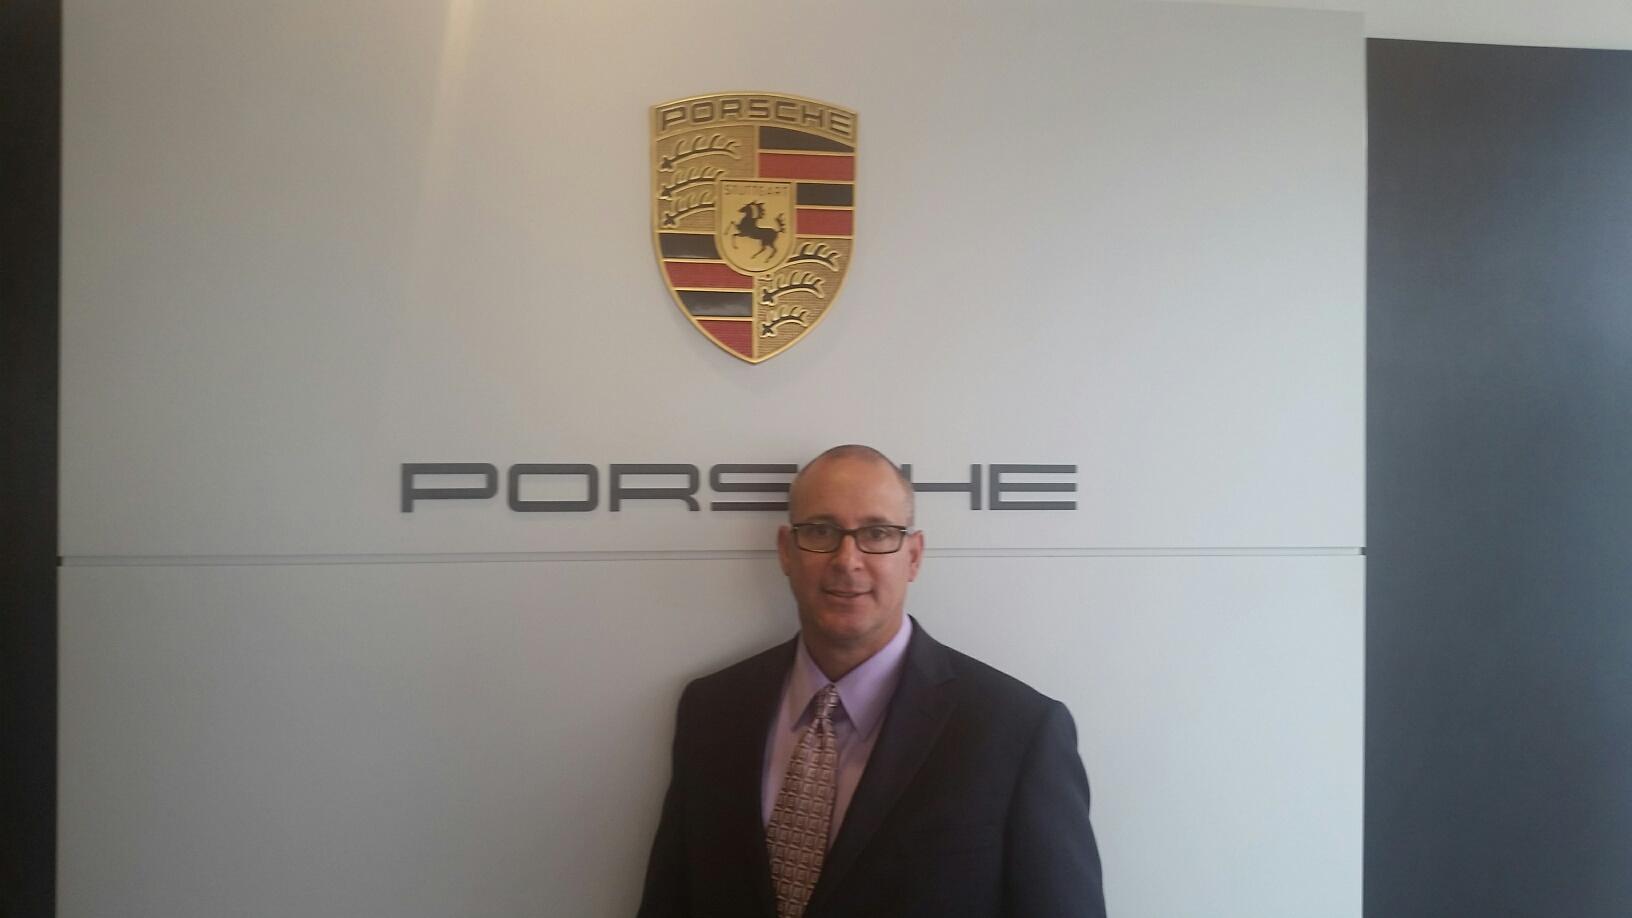 Len Stoler Porsche Come Experience The New Philosophy At Len - Len stoler audi